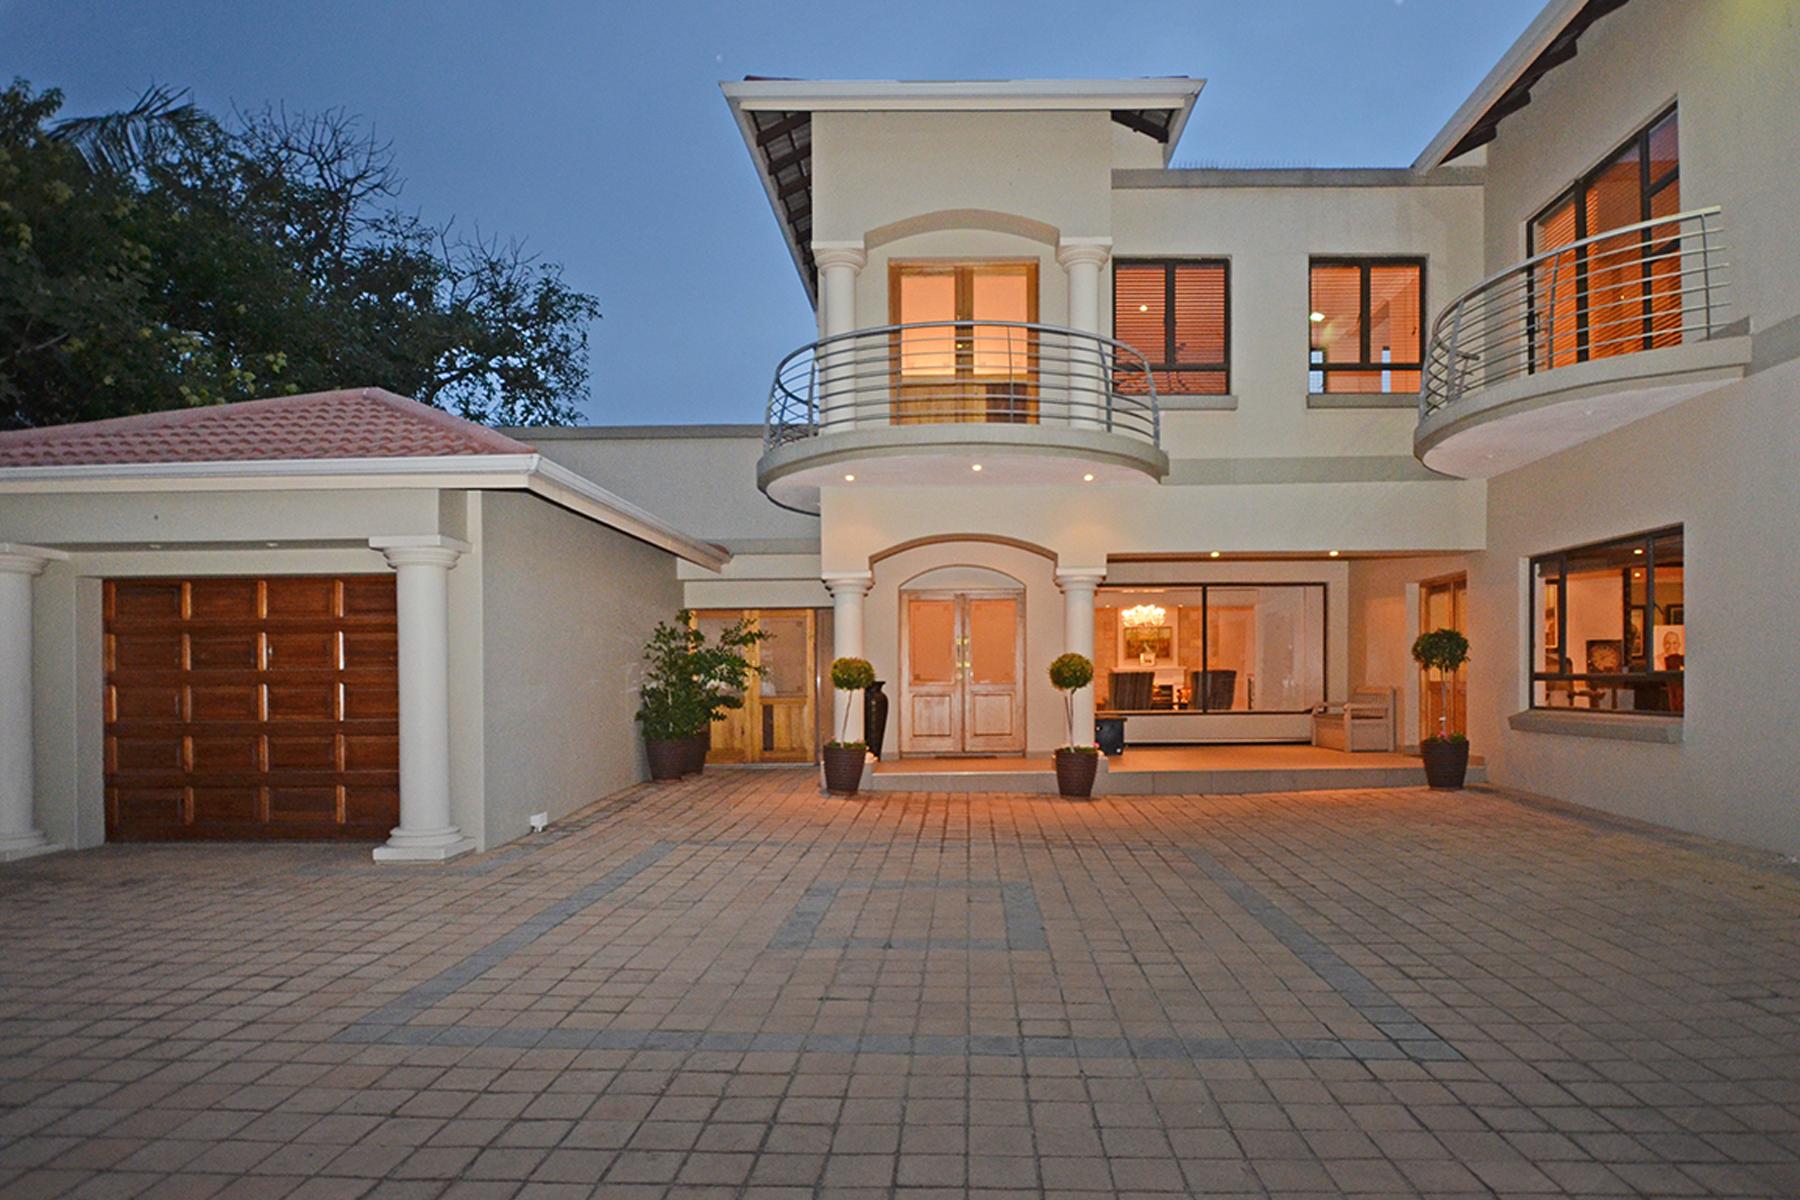 Einfamilienhaus für Verkauf beim Bedfordview Johannesburg, Gauteng, 2007 Südafrika